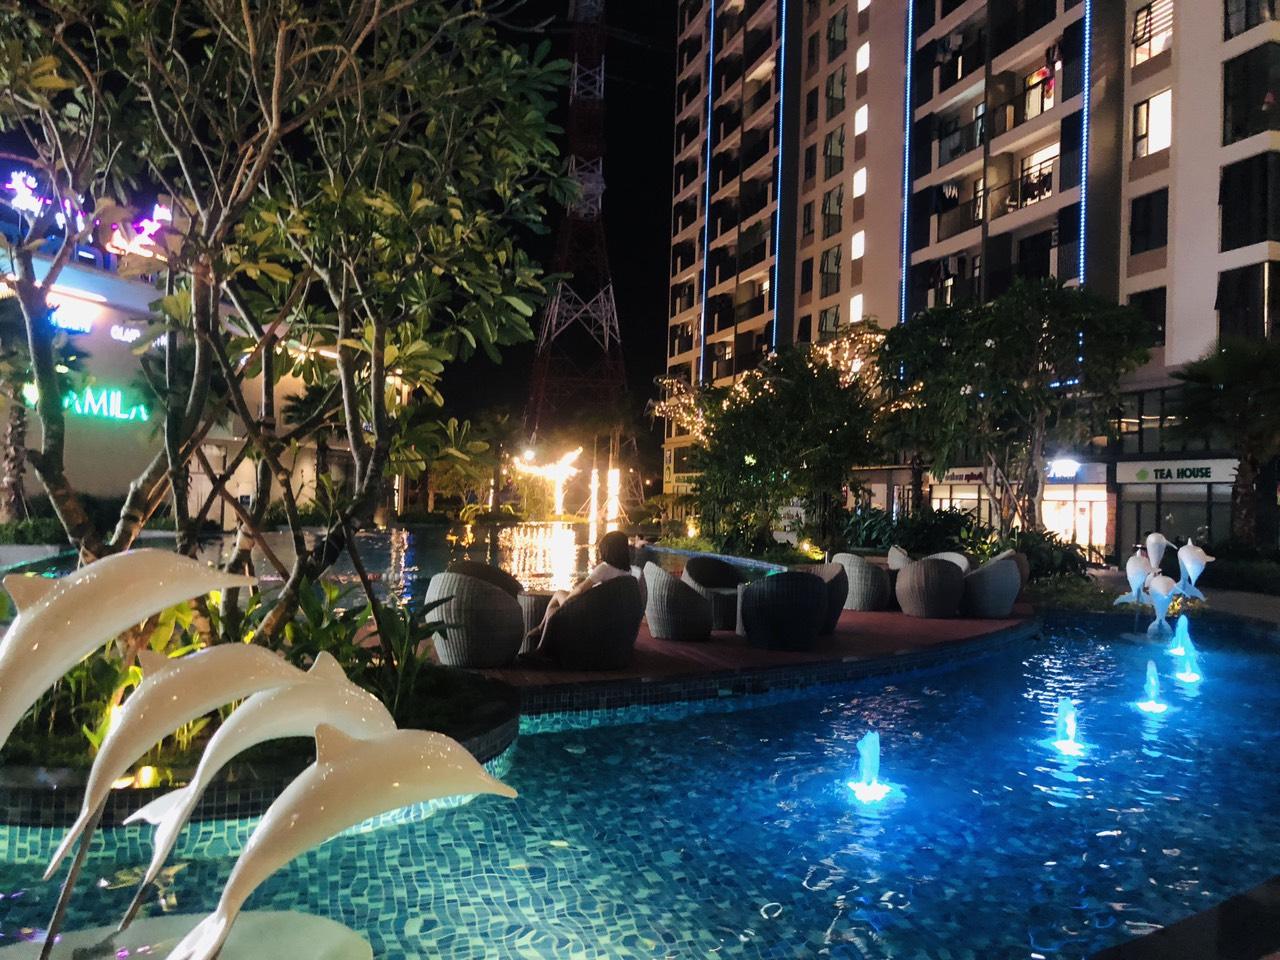 Hình ảnh thực tế tiện ích nội khu căn hộ Khang Điền Jamila Quận 9